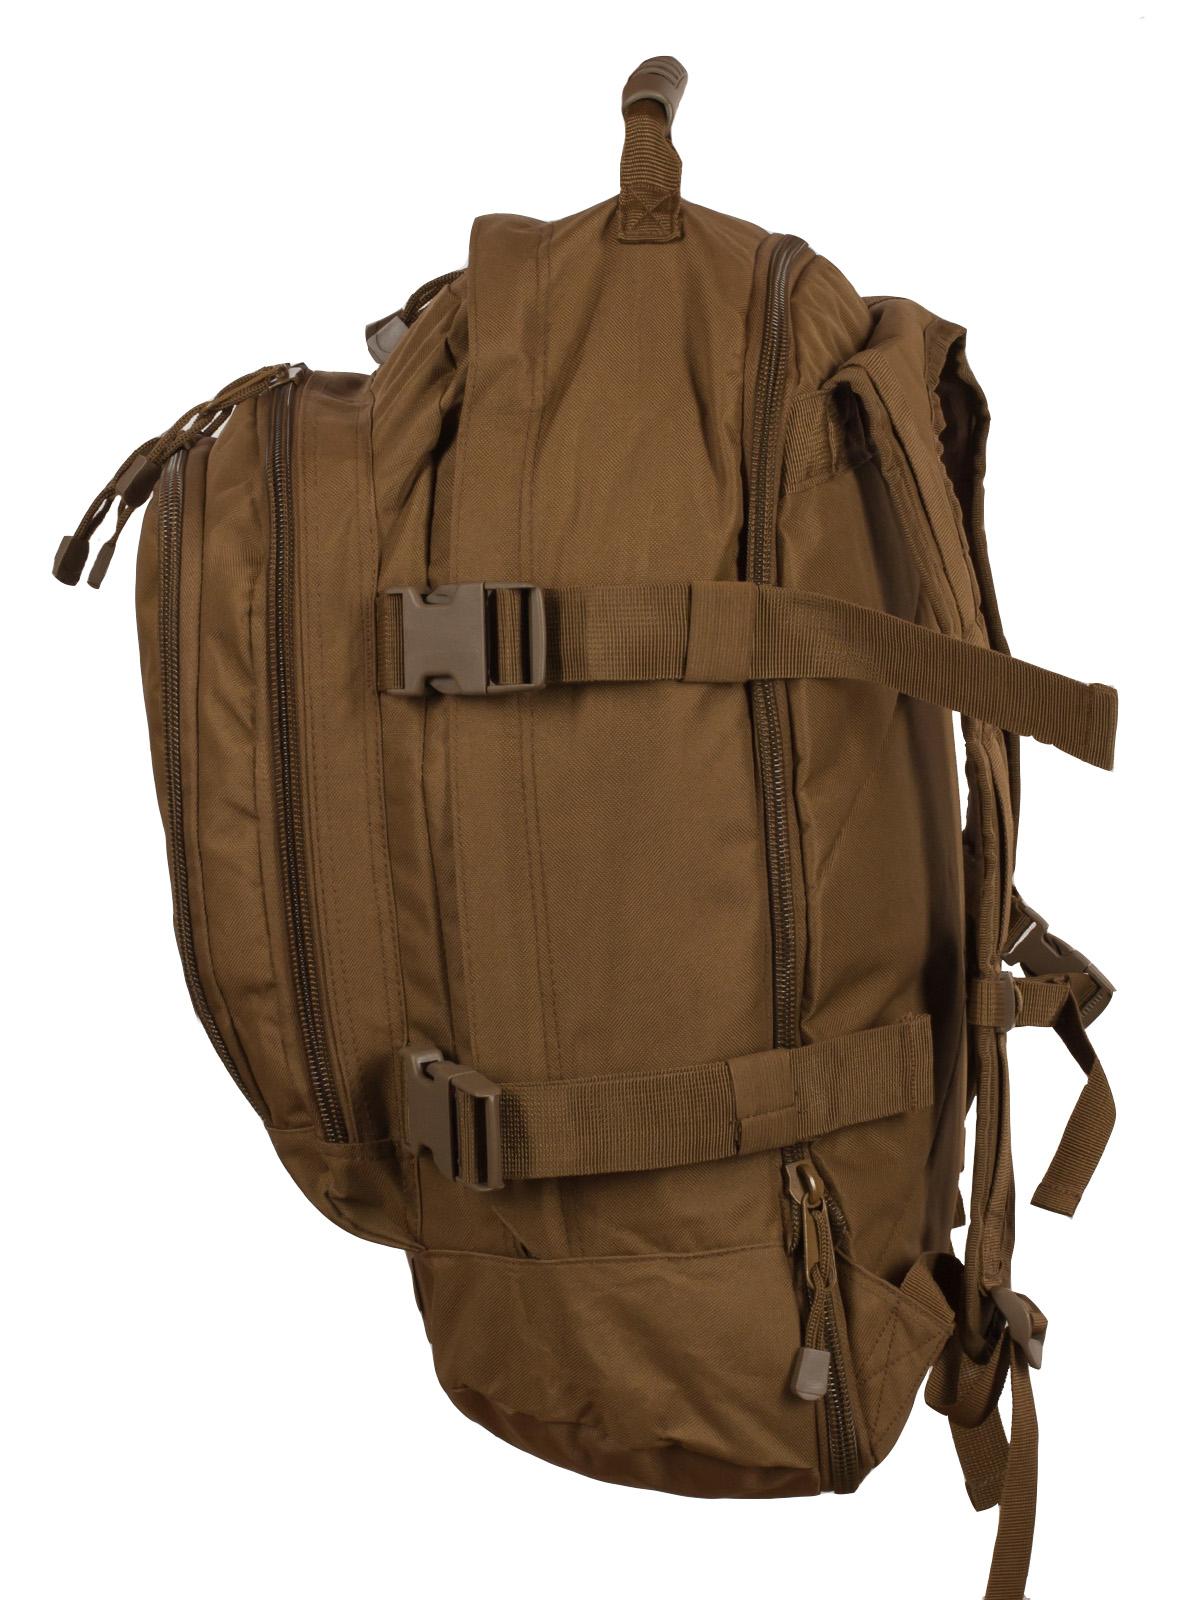 Мужской военный рюкзак с нашивкой Пограничной службы - купить по выгодной цене